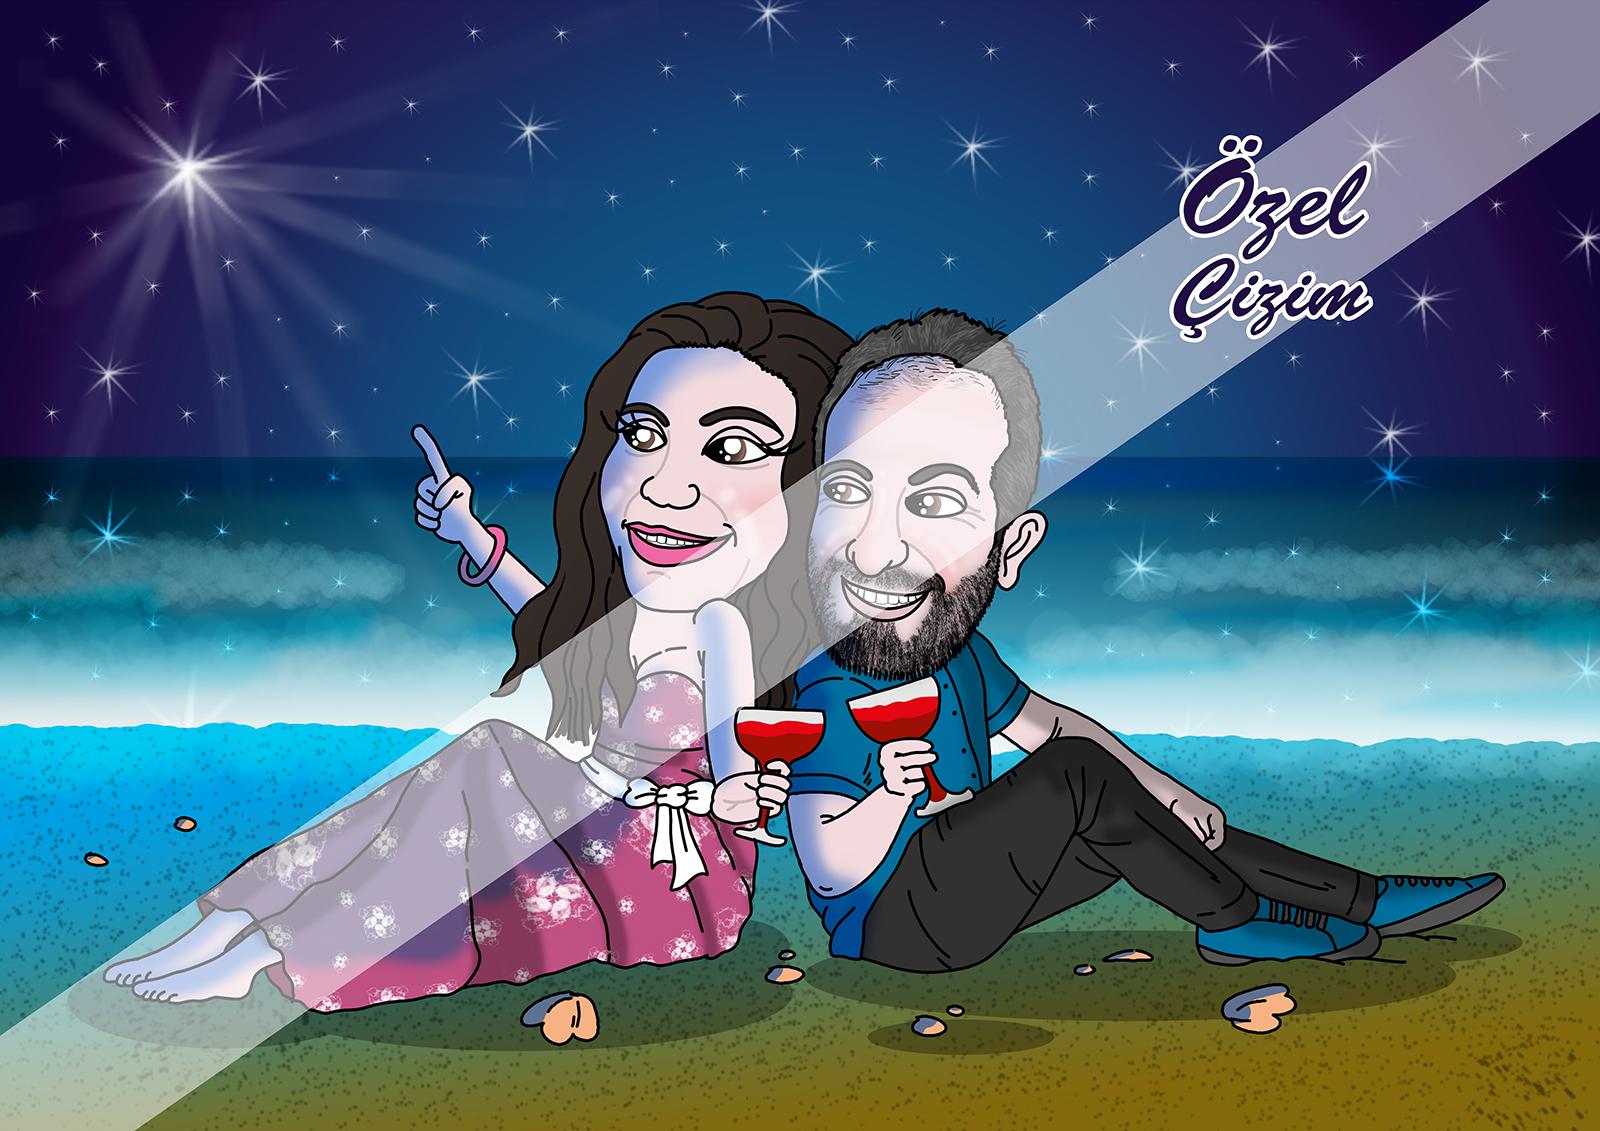 karikatür, erkek için hediye önerileri, erkek için hediye fikirleri, hediye sepeti, buldumbuldum.com, Erkek Arkadaşa hediye, erkeğe doğum günü hediyesi, hediye portre,